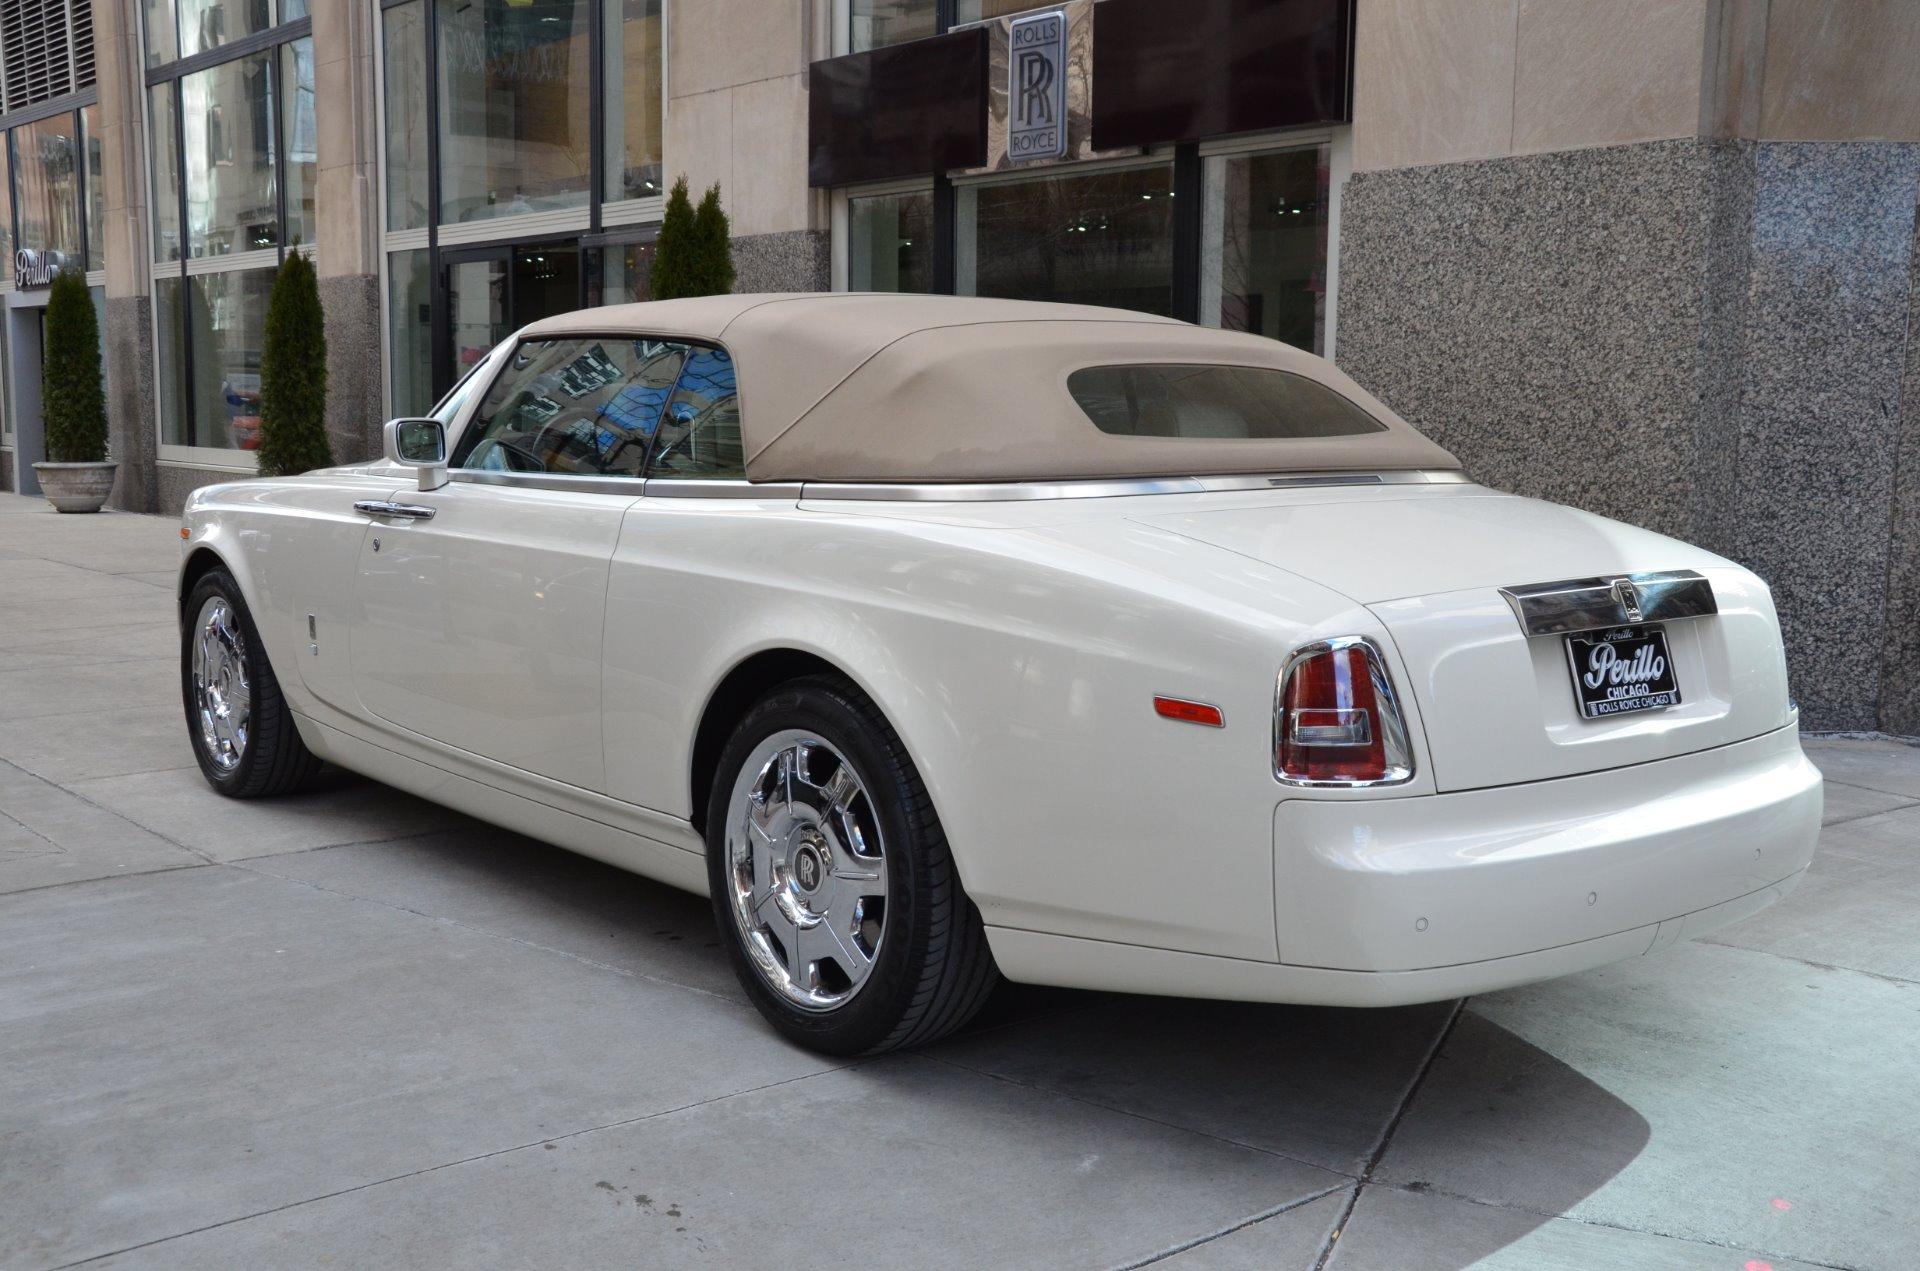 2009 rolls royce phantom drophead coupe stock gc1882 for - Rolls royce phantom drophead coupe for sale ...